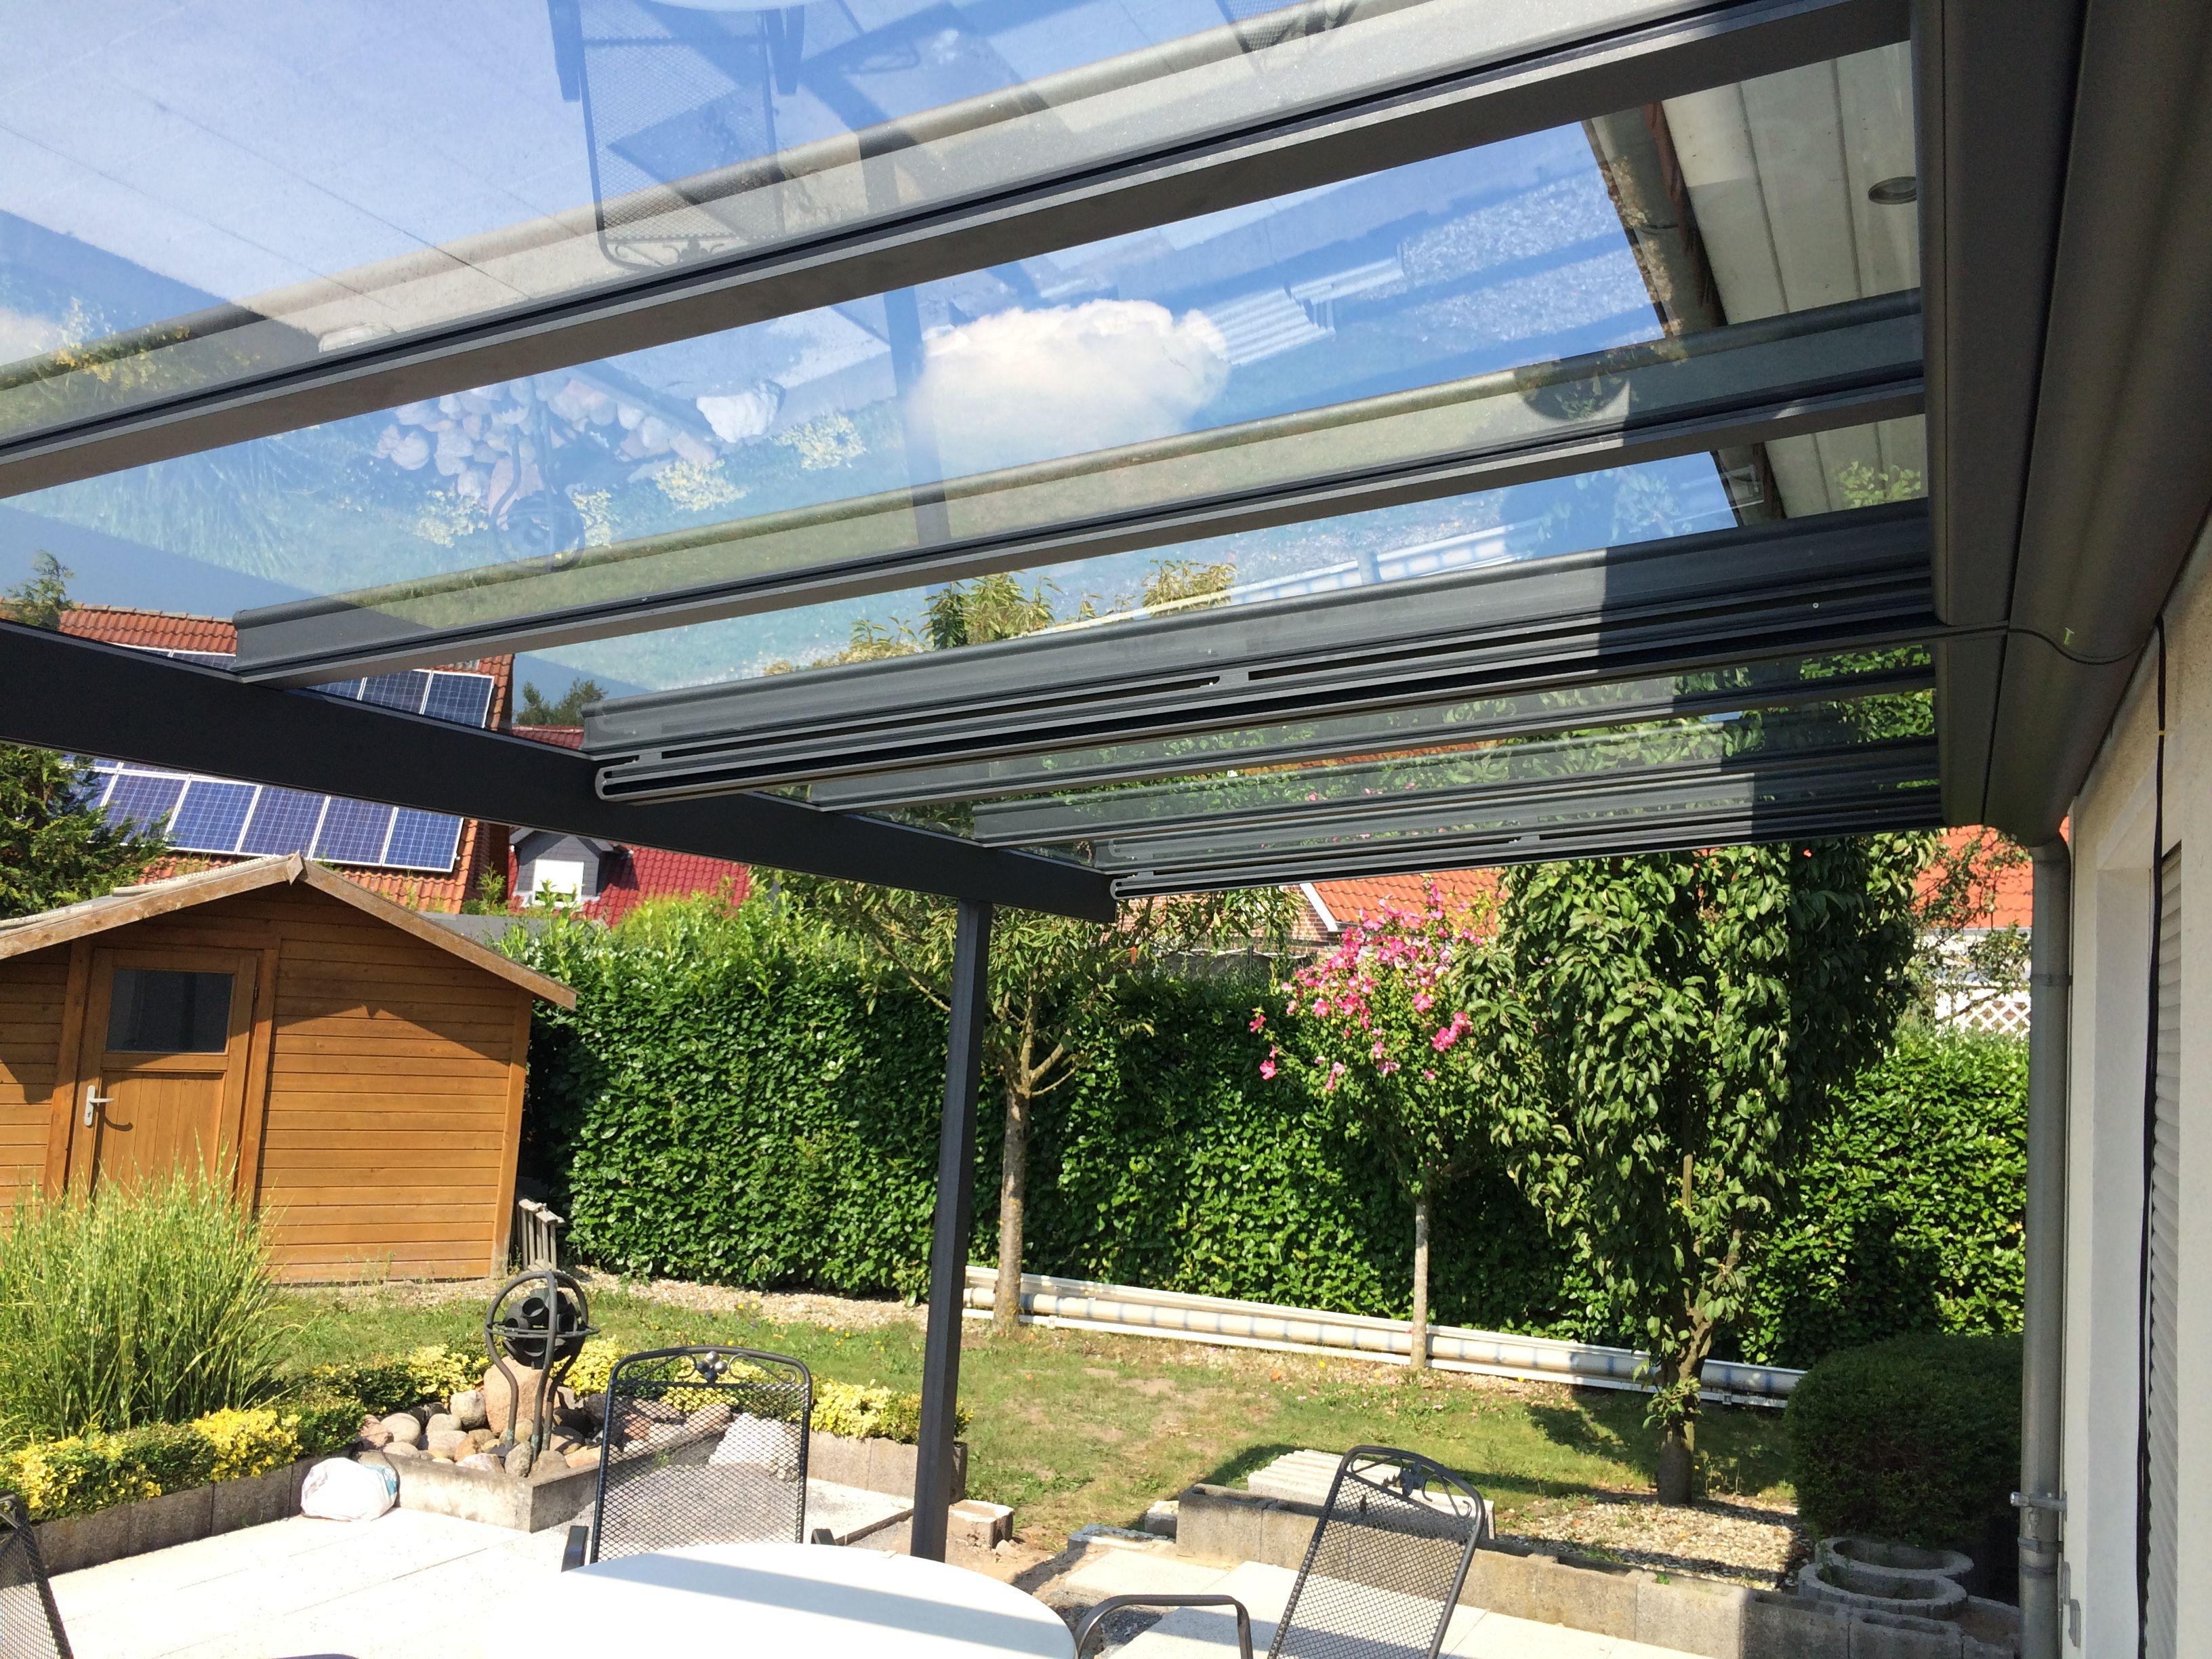 Fesselnde Sonnenschutzrollo Terrasse Dekoration Von Perfekter #wetterschutz Für Die #terrasse . Mit